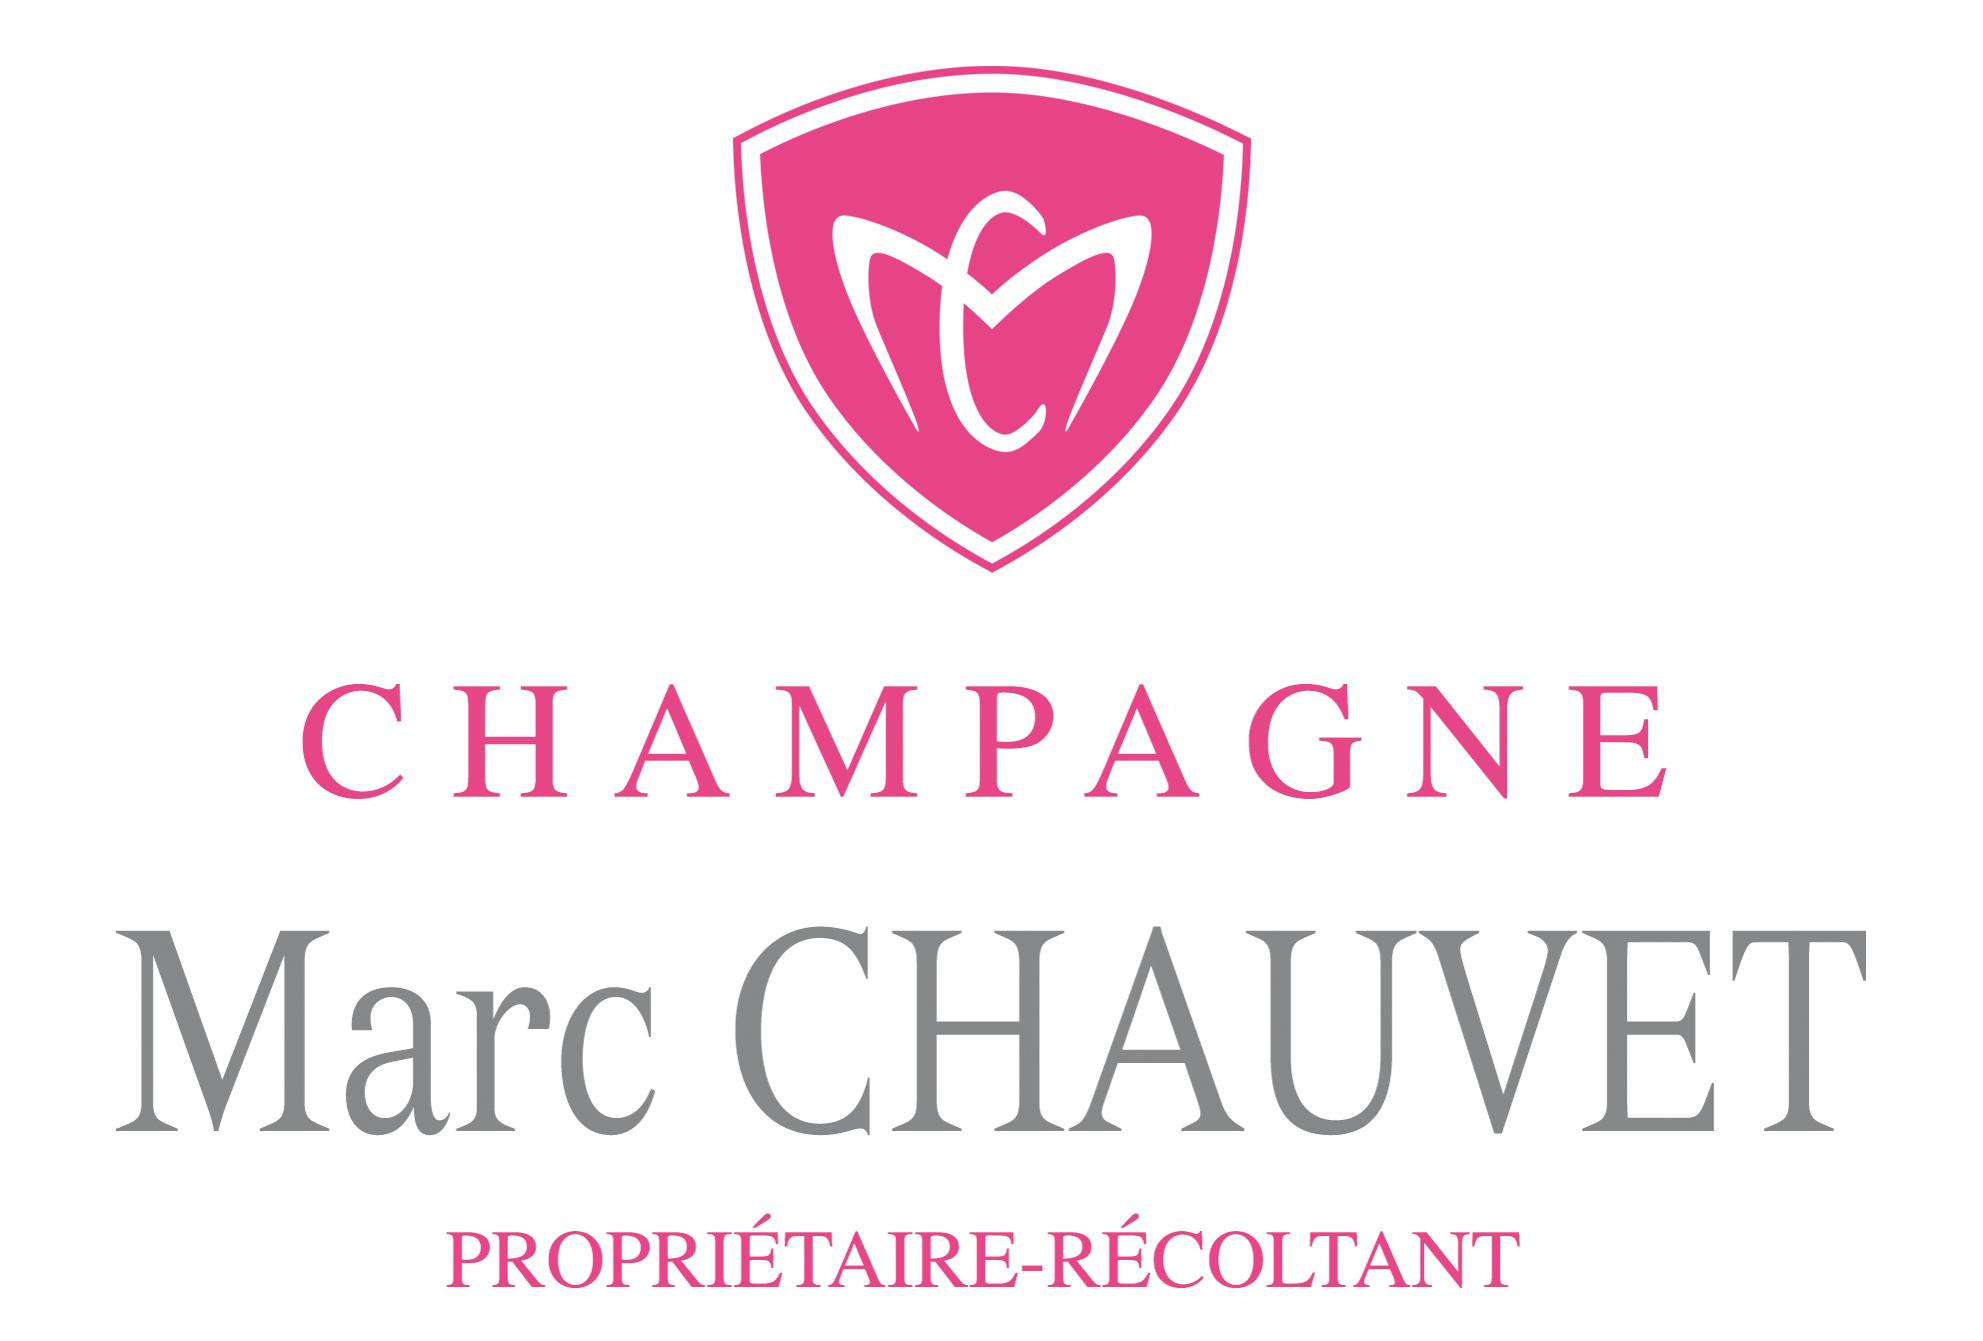 Le Champagne Marc Chauvet - et Mieux vivre Mon cancer sont liés tendrement, affectueusement,depuis... toujours